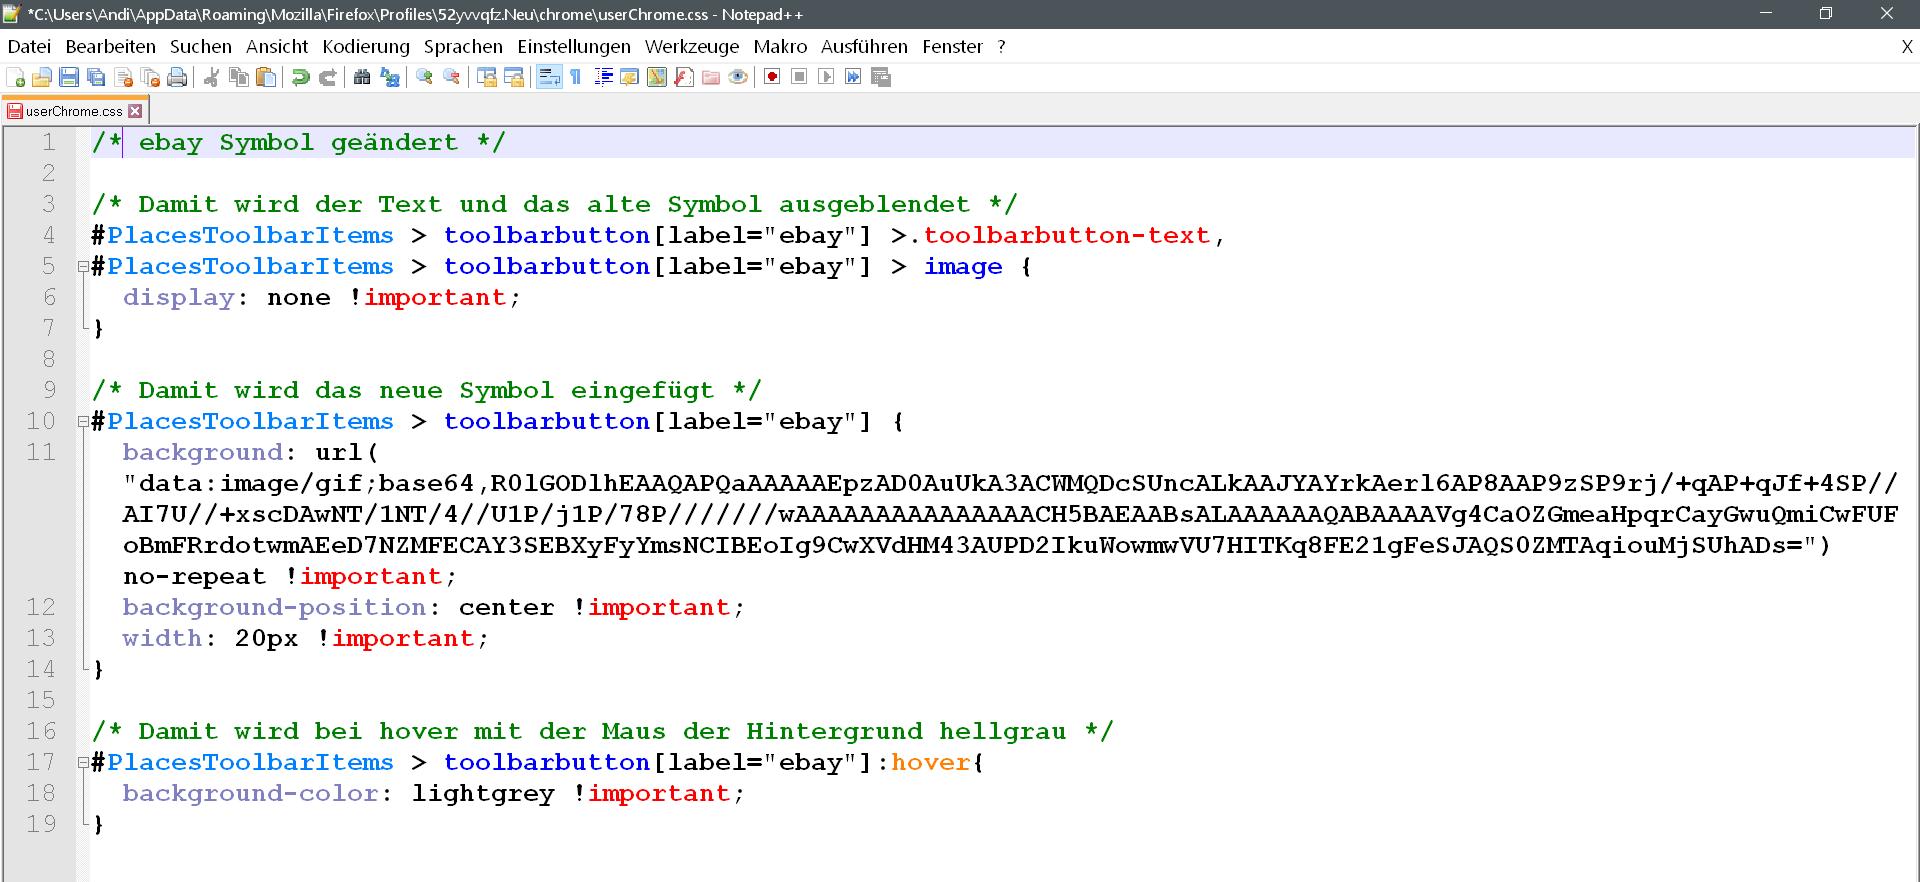 css komplett - Lesezeichensymbol ändern in der Lesezeichensymbolleiste im Firefox